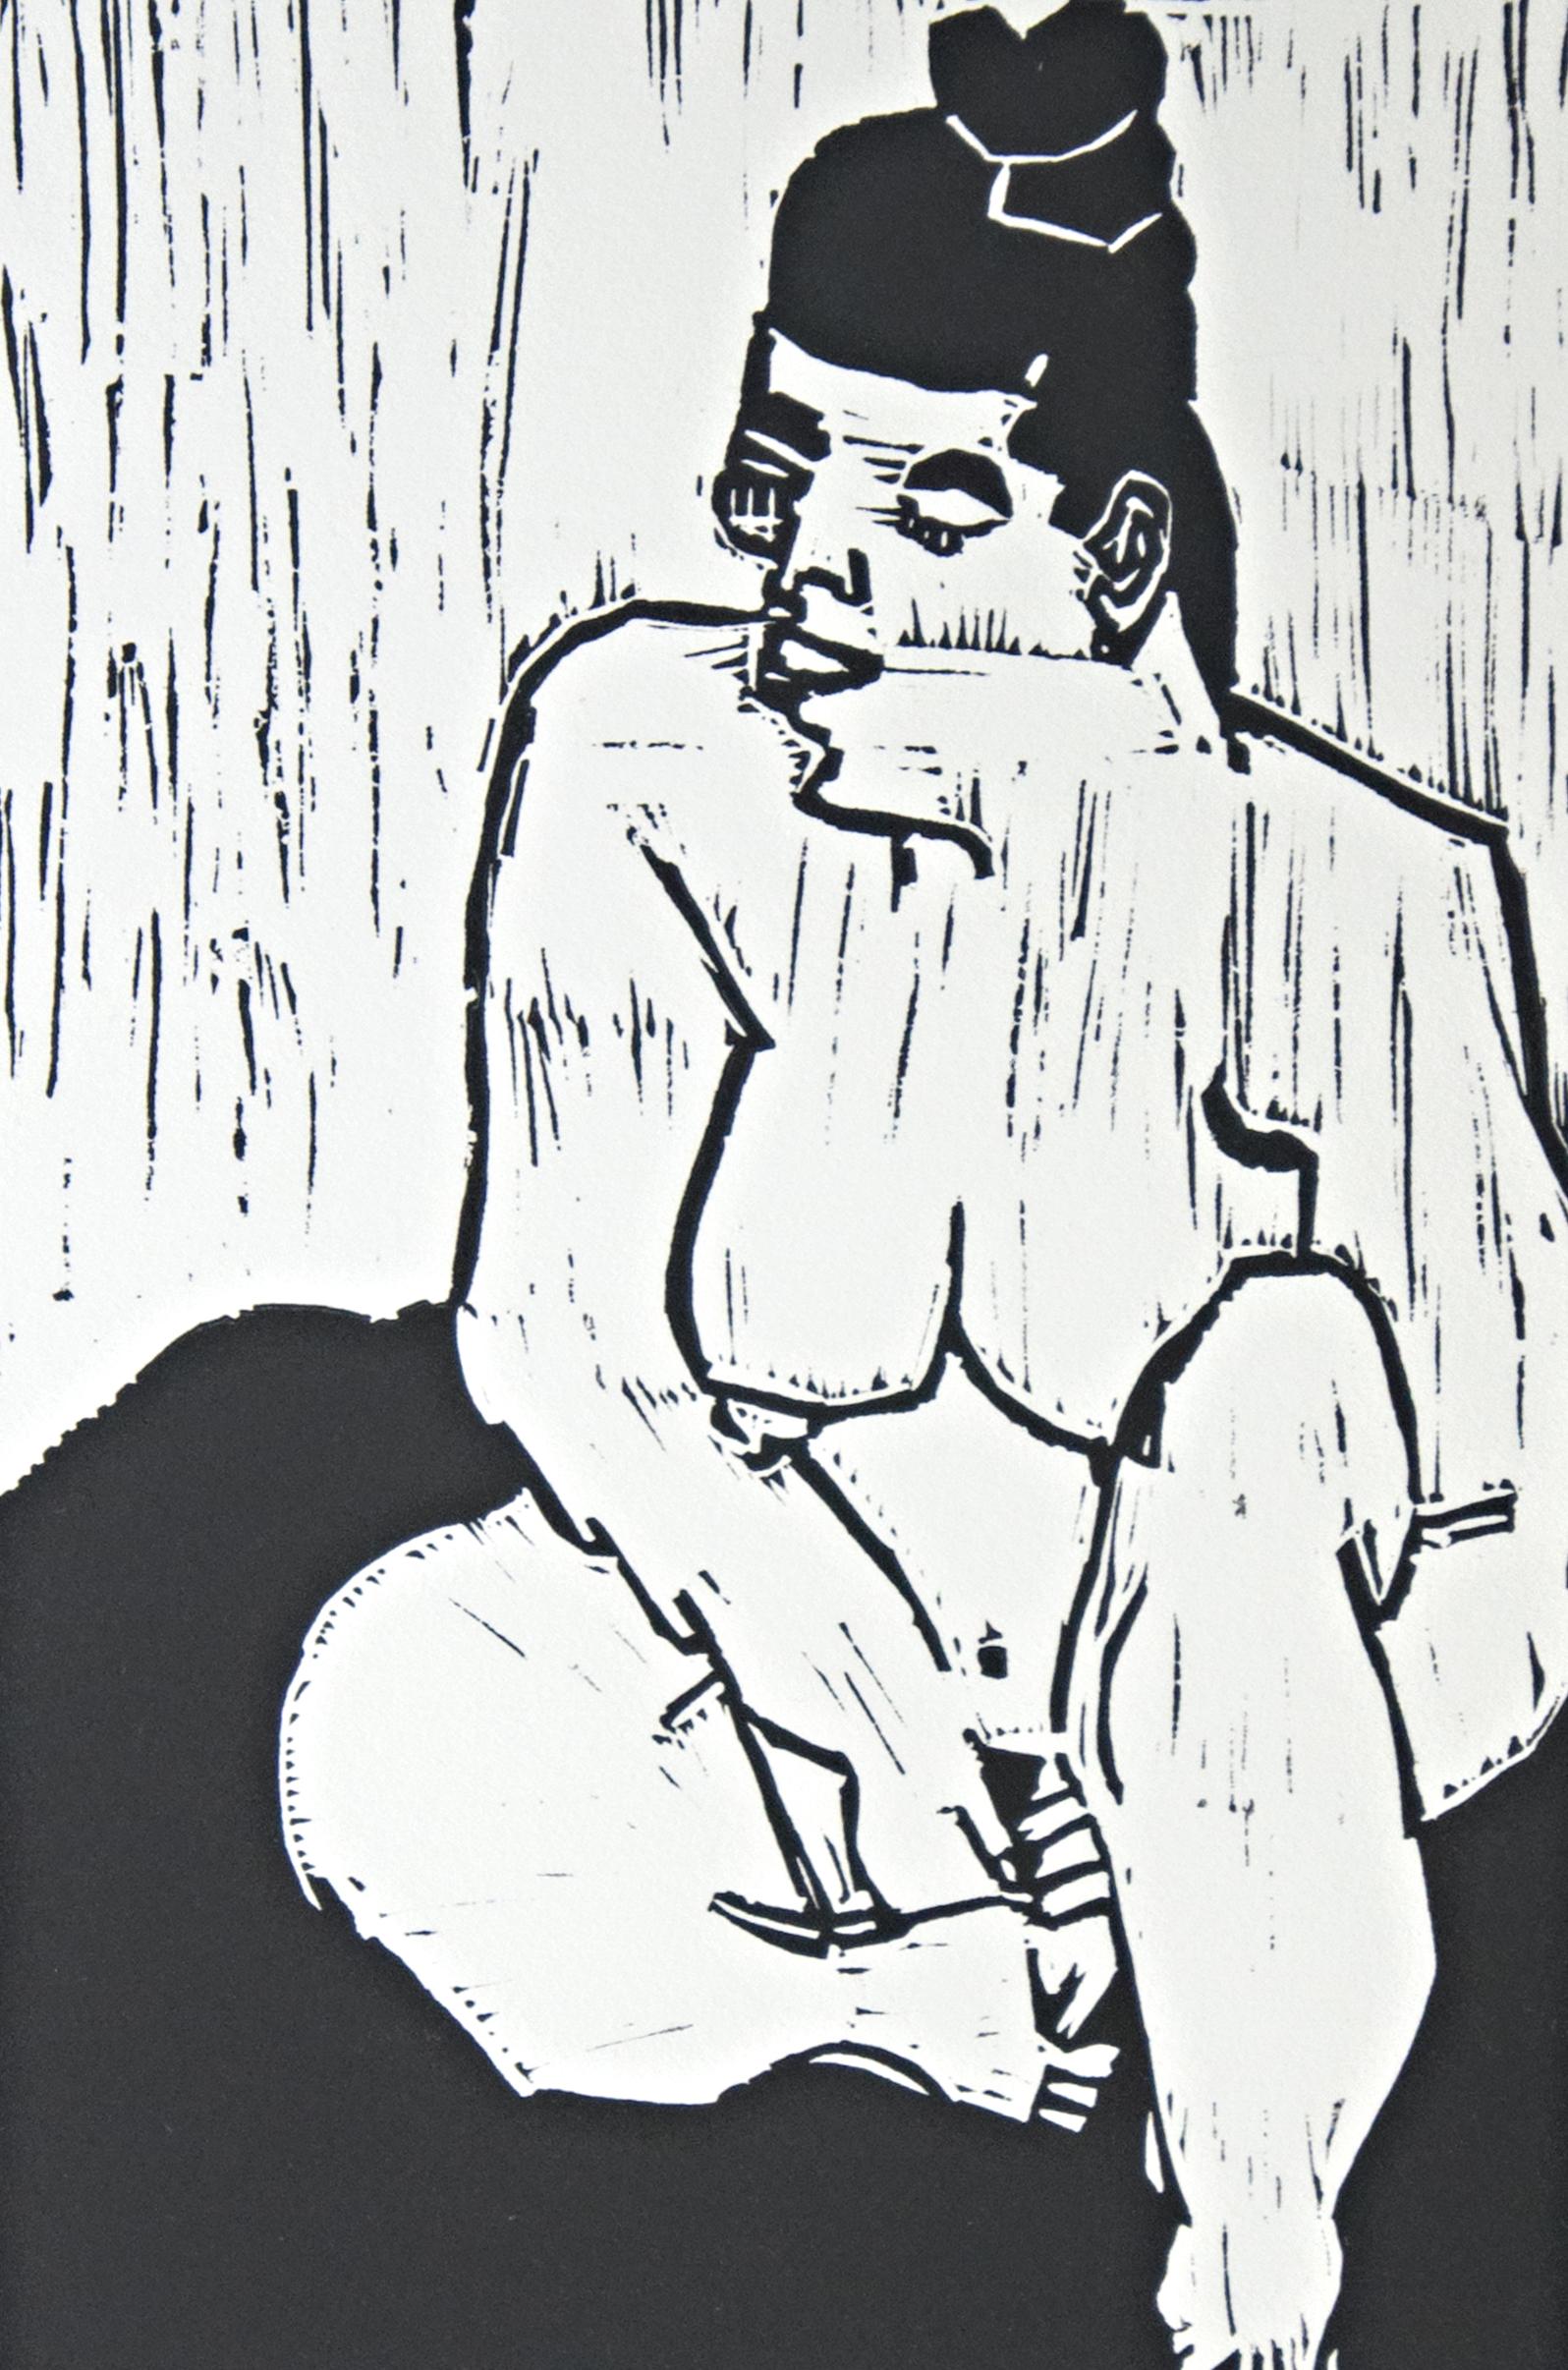 Lisa-Reid-Katherine-2017-print-on-paper-30-x-20-cm.